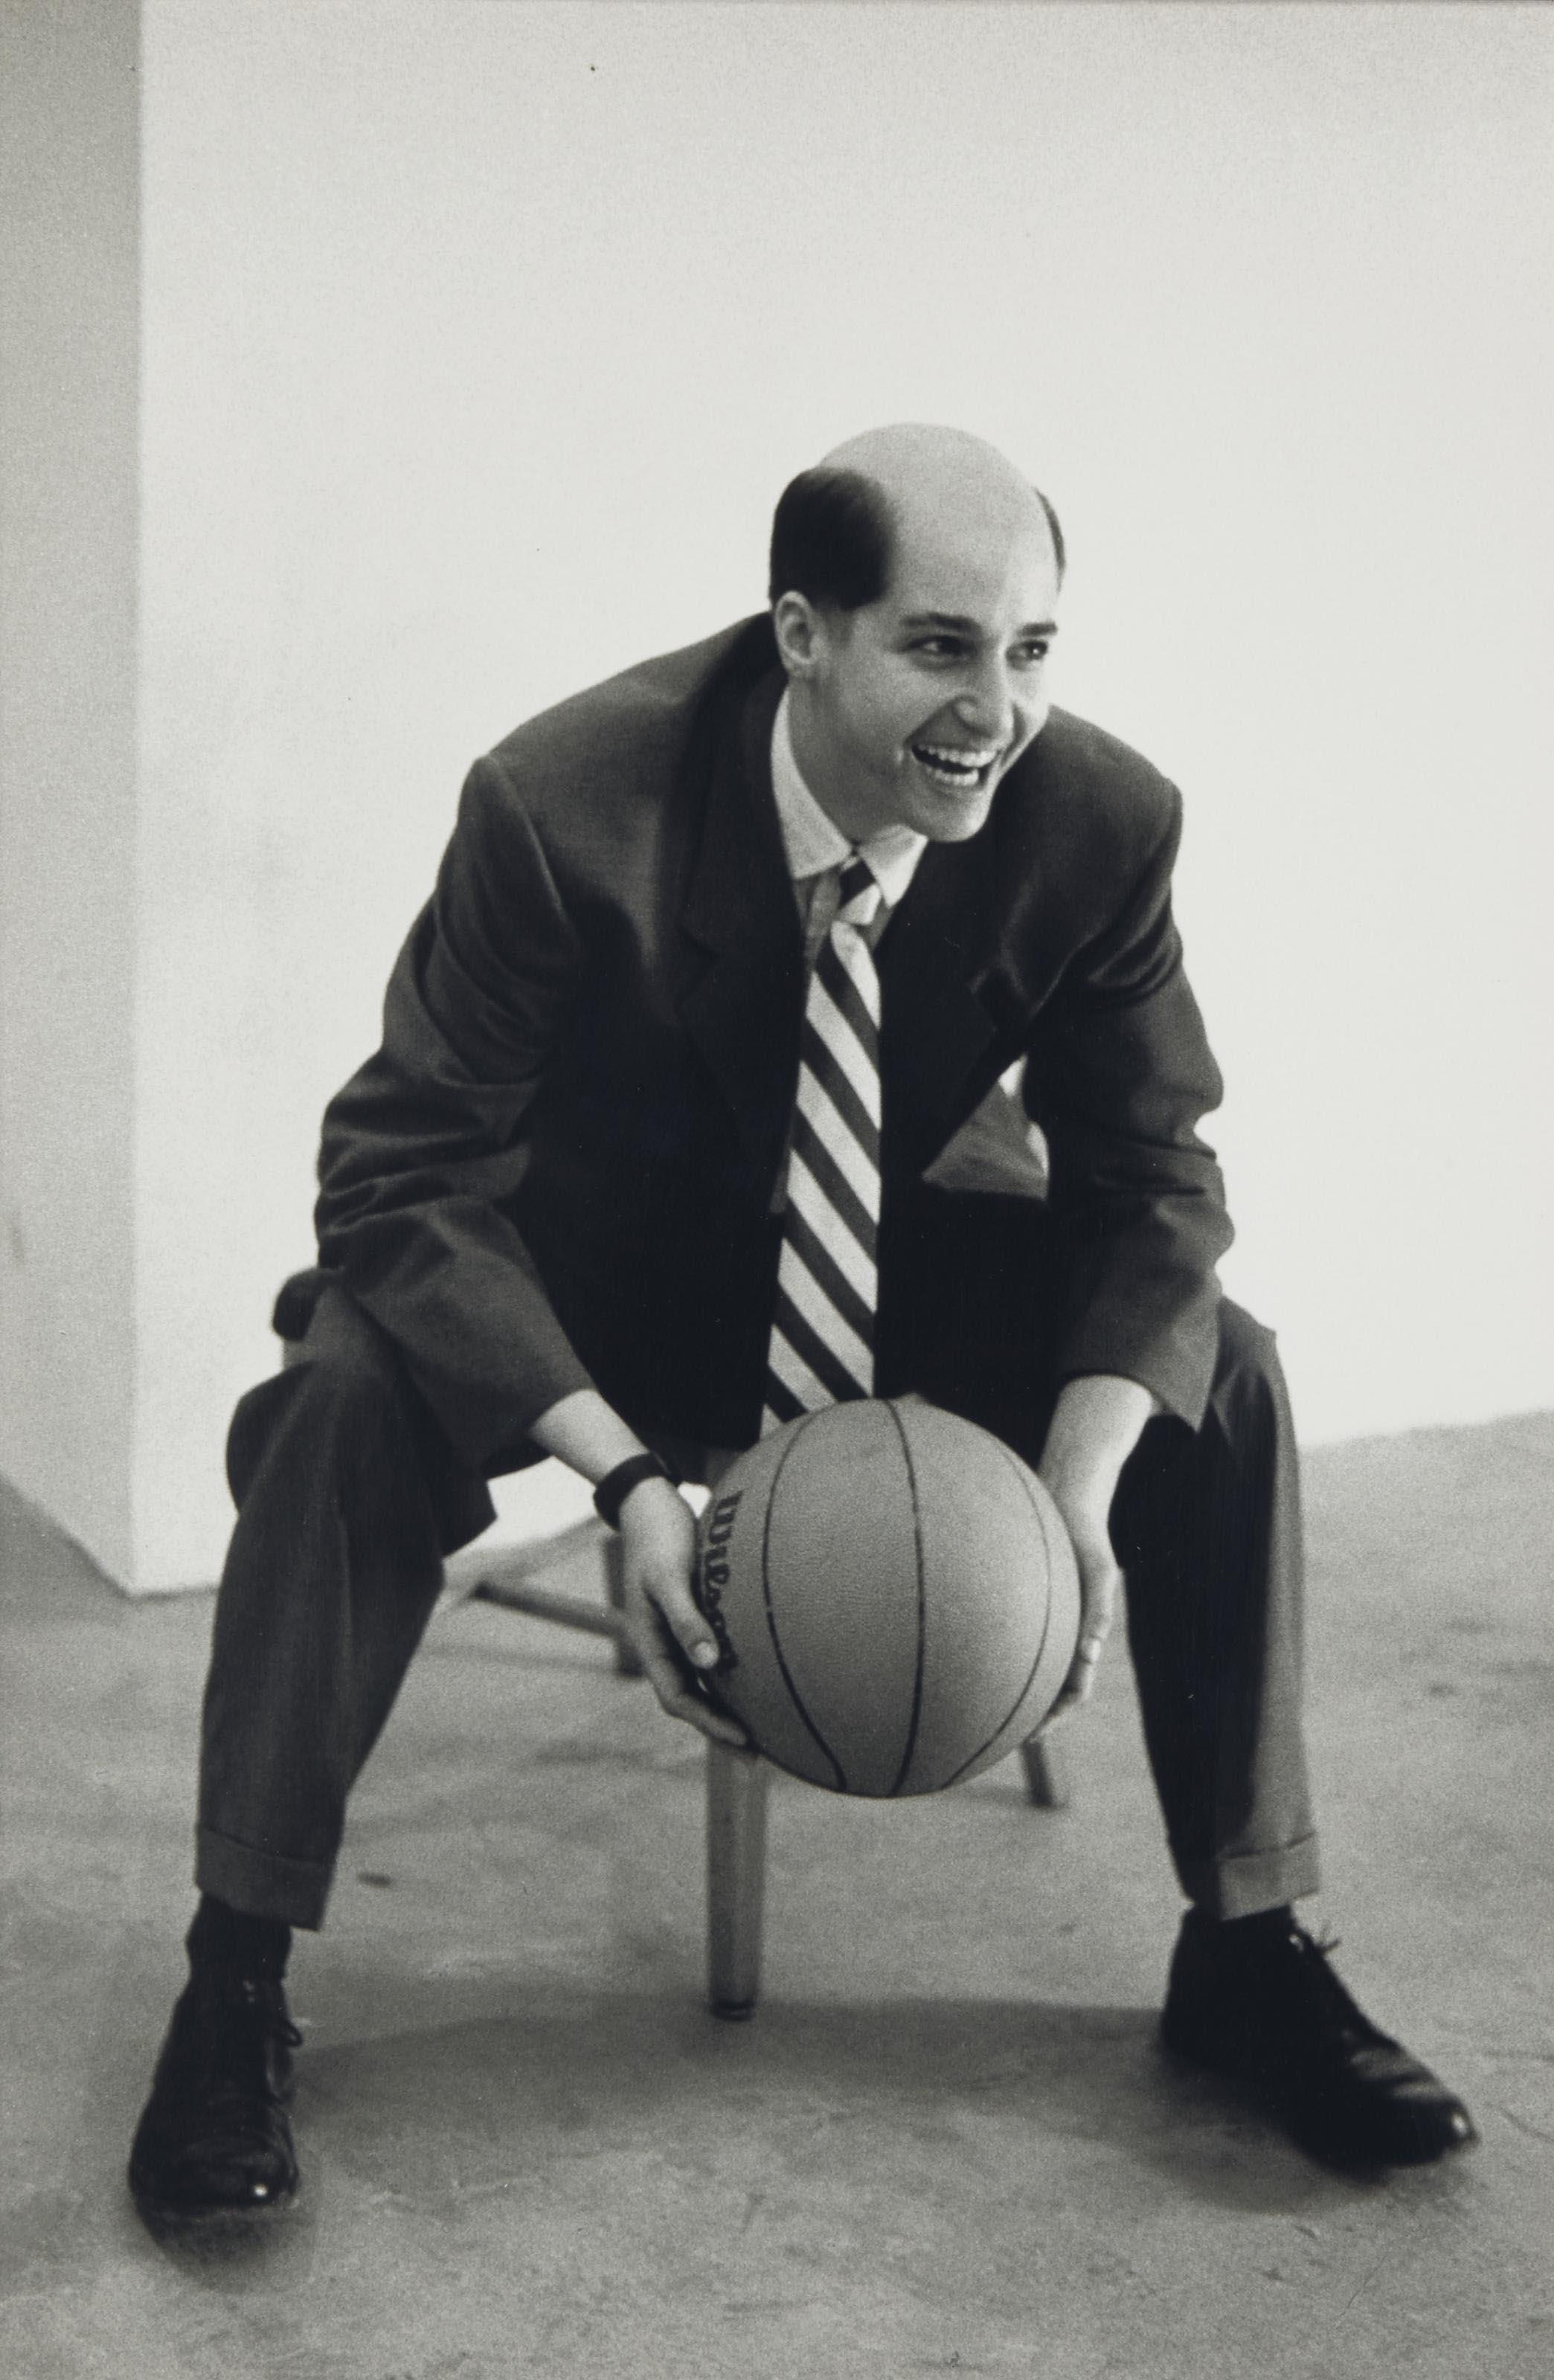 Male pattern baldness 26, 1993-1994